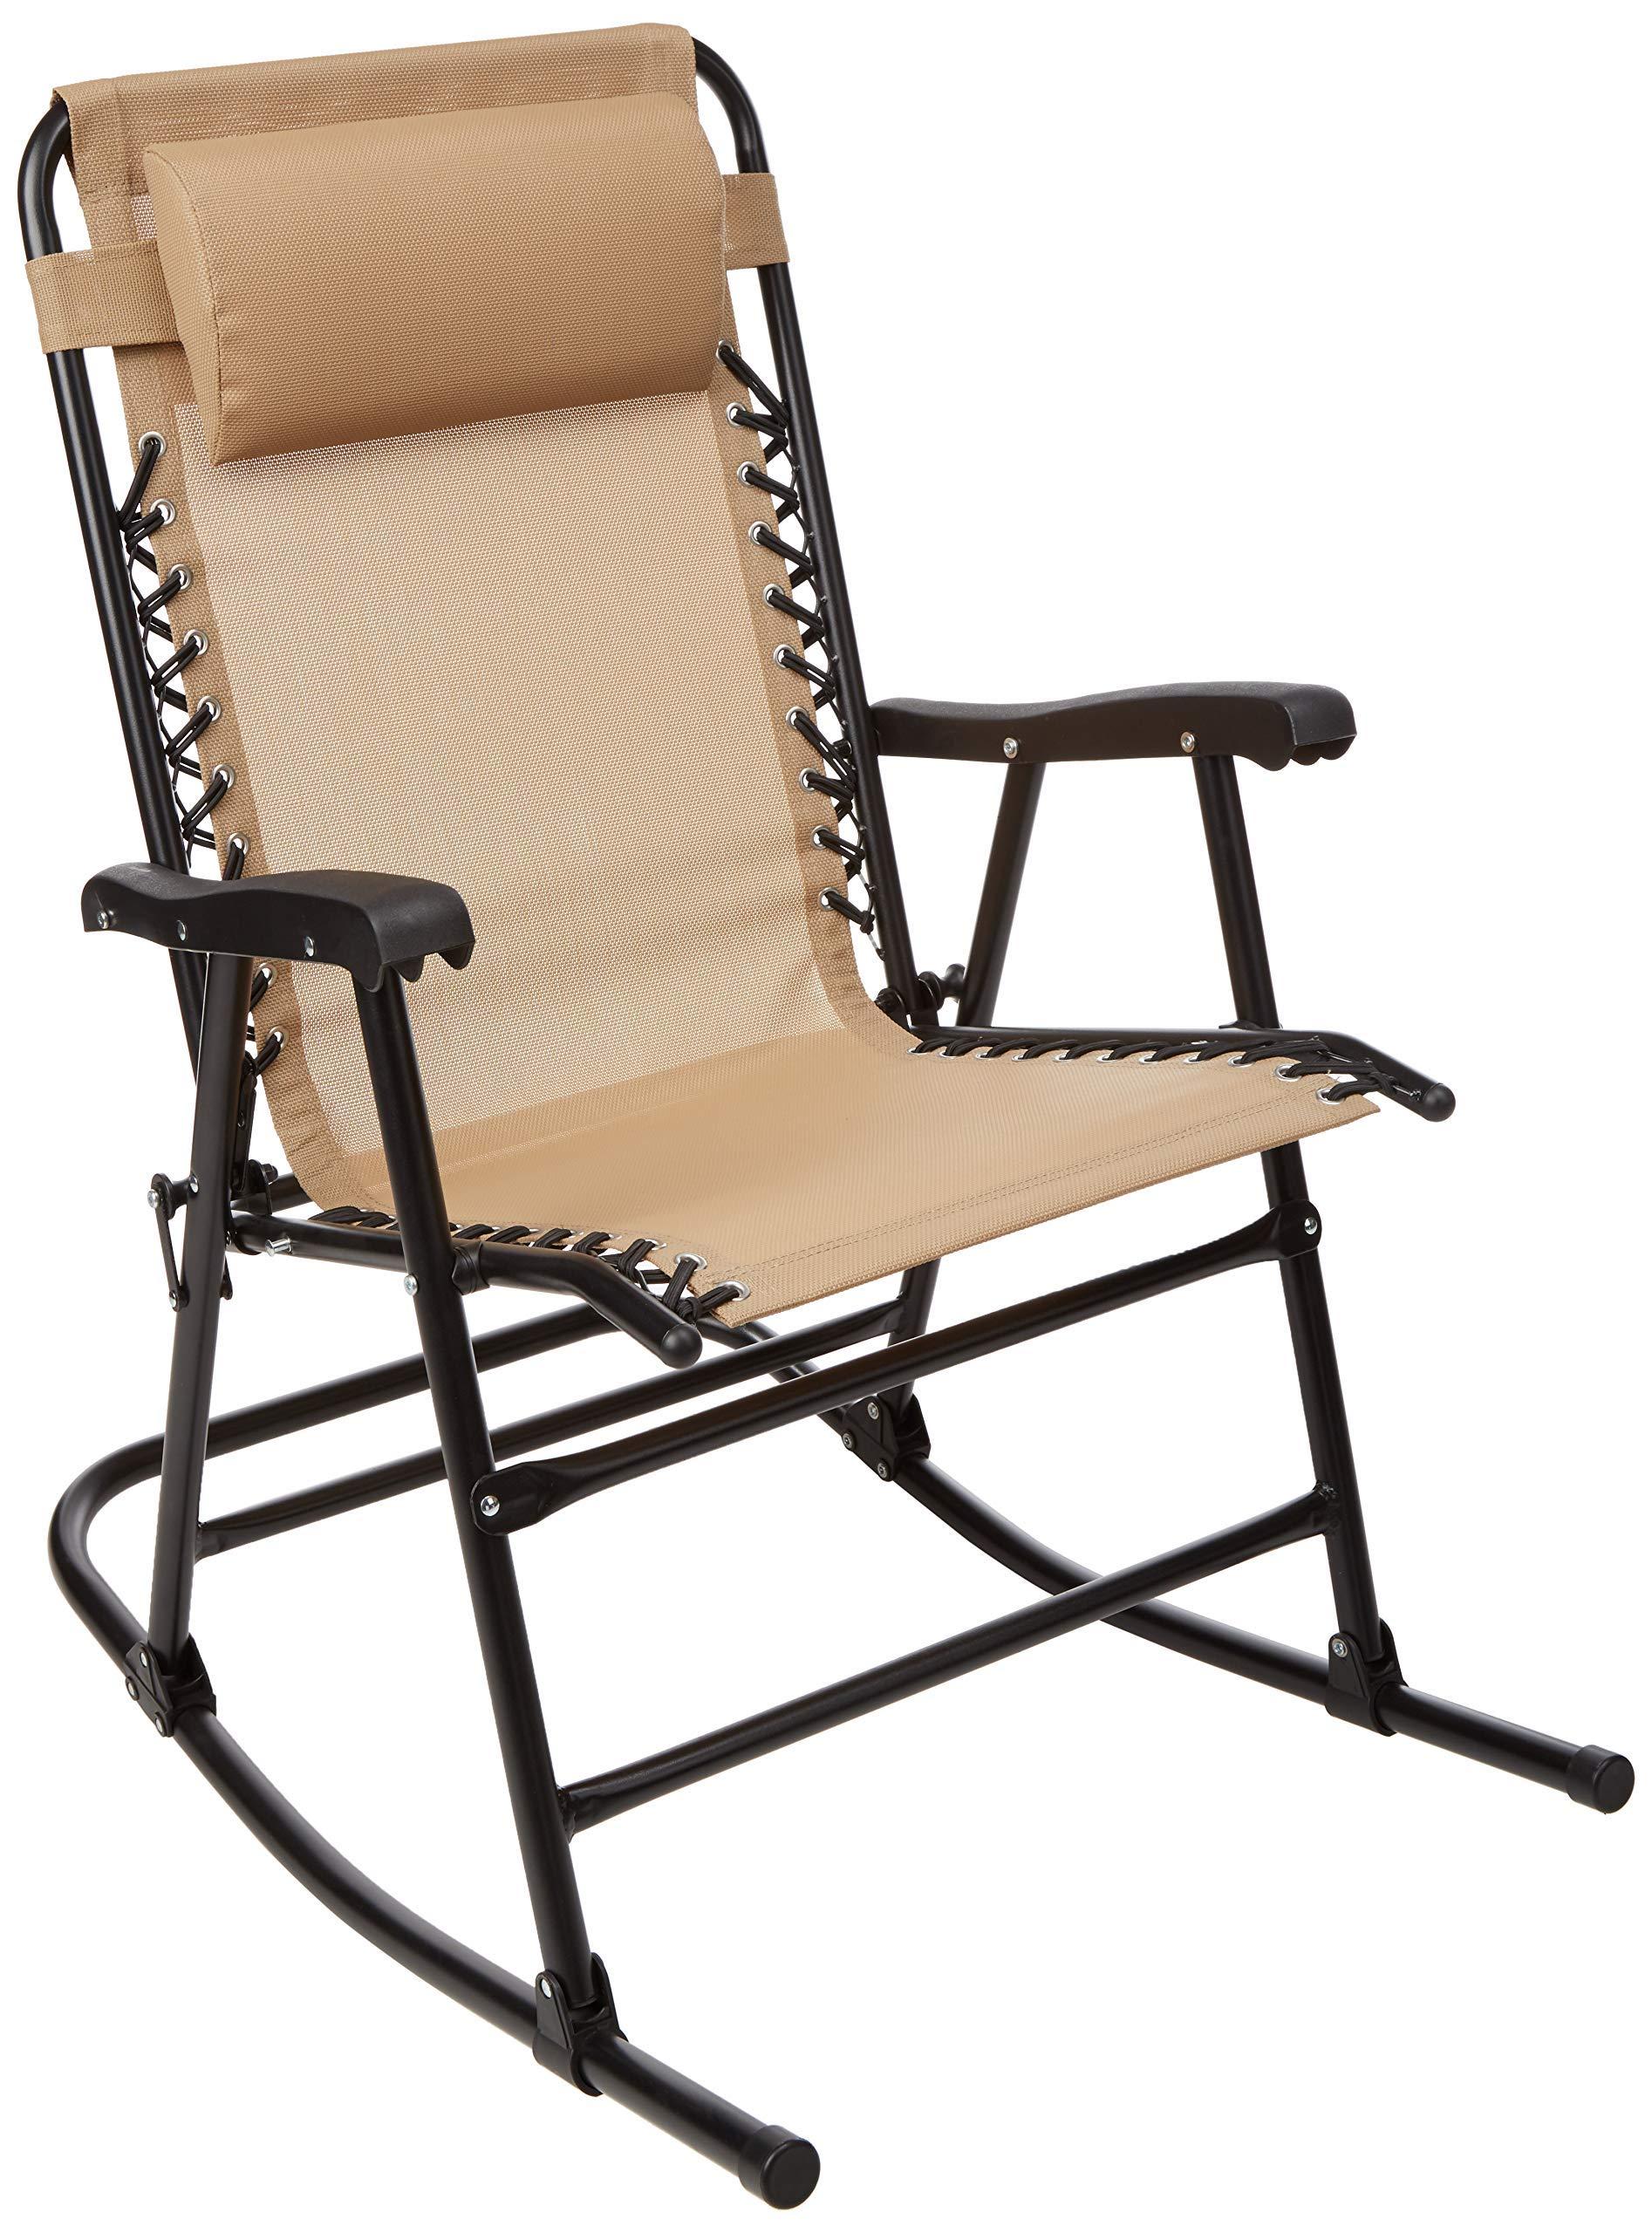 AmazonBasics Foldable Rocking Chair - Beige (Renewed) by AmazonBasics